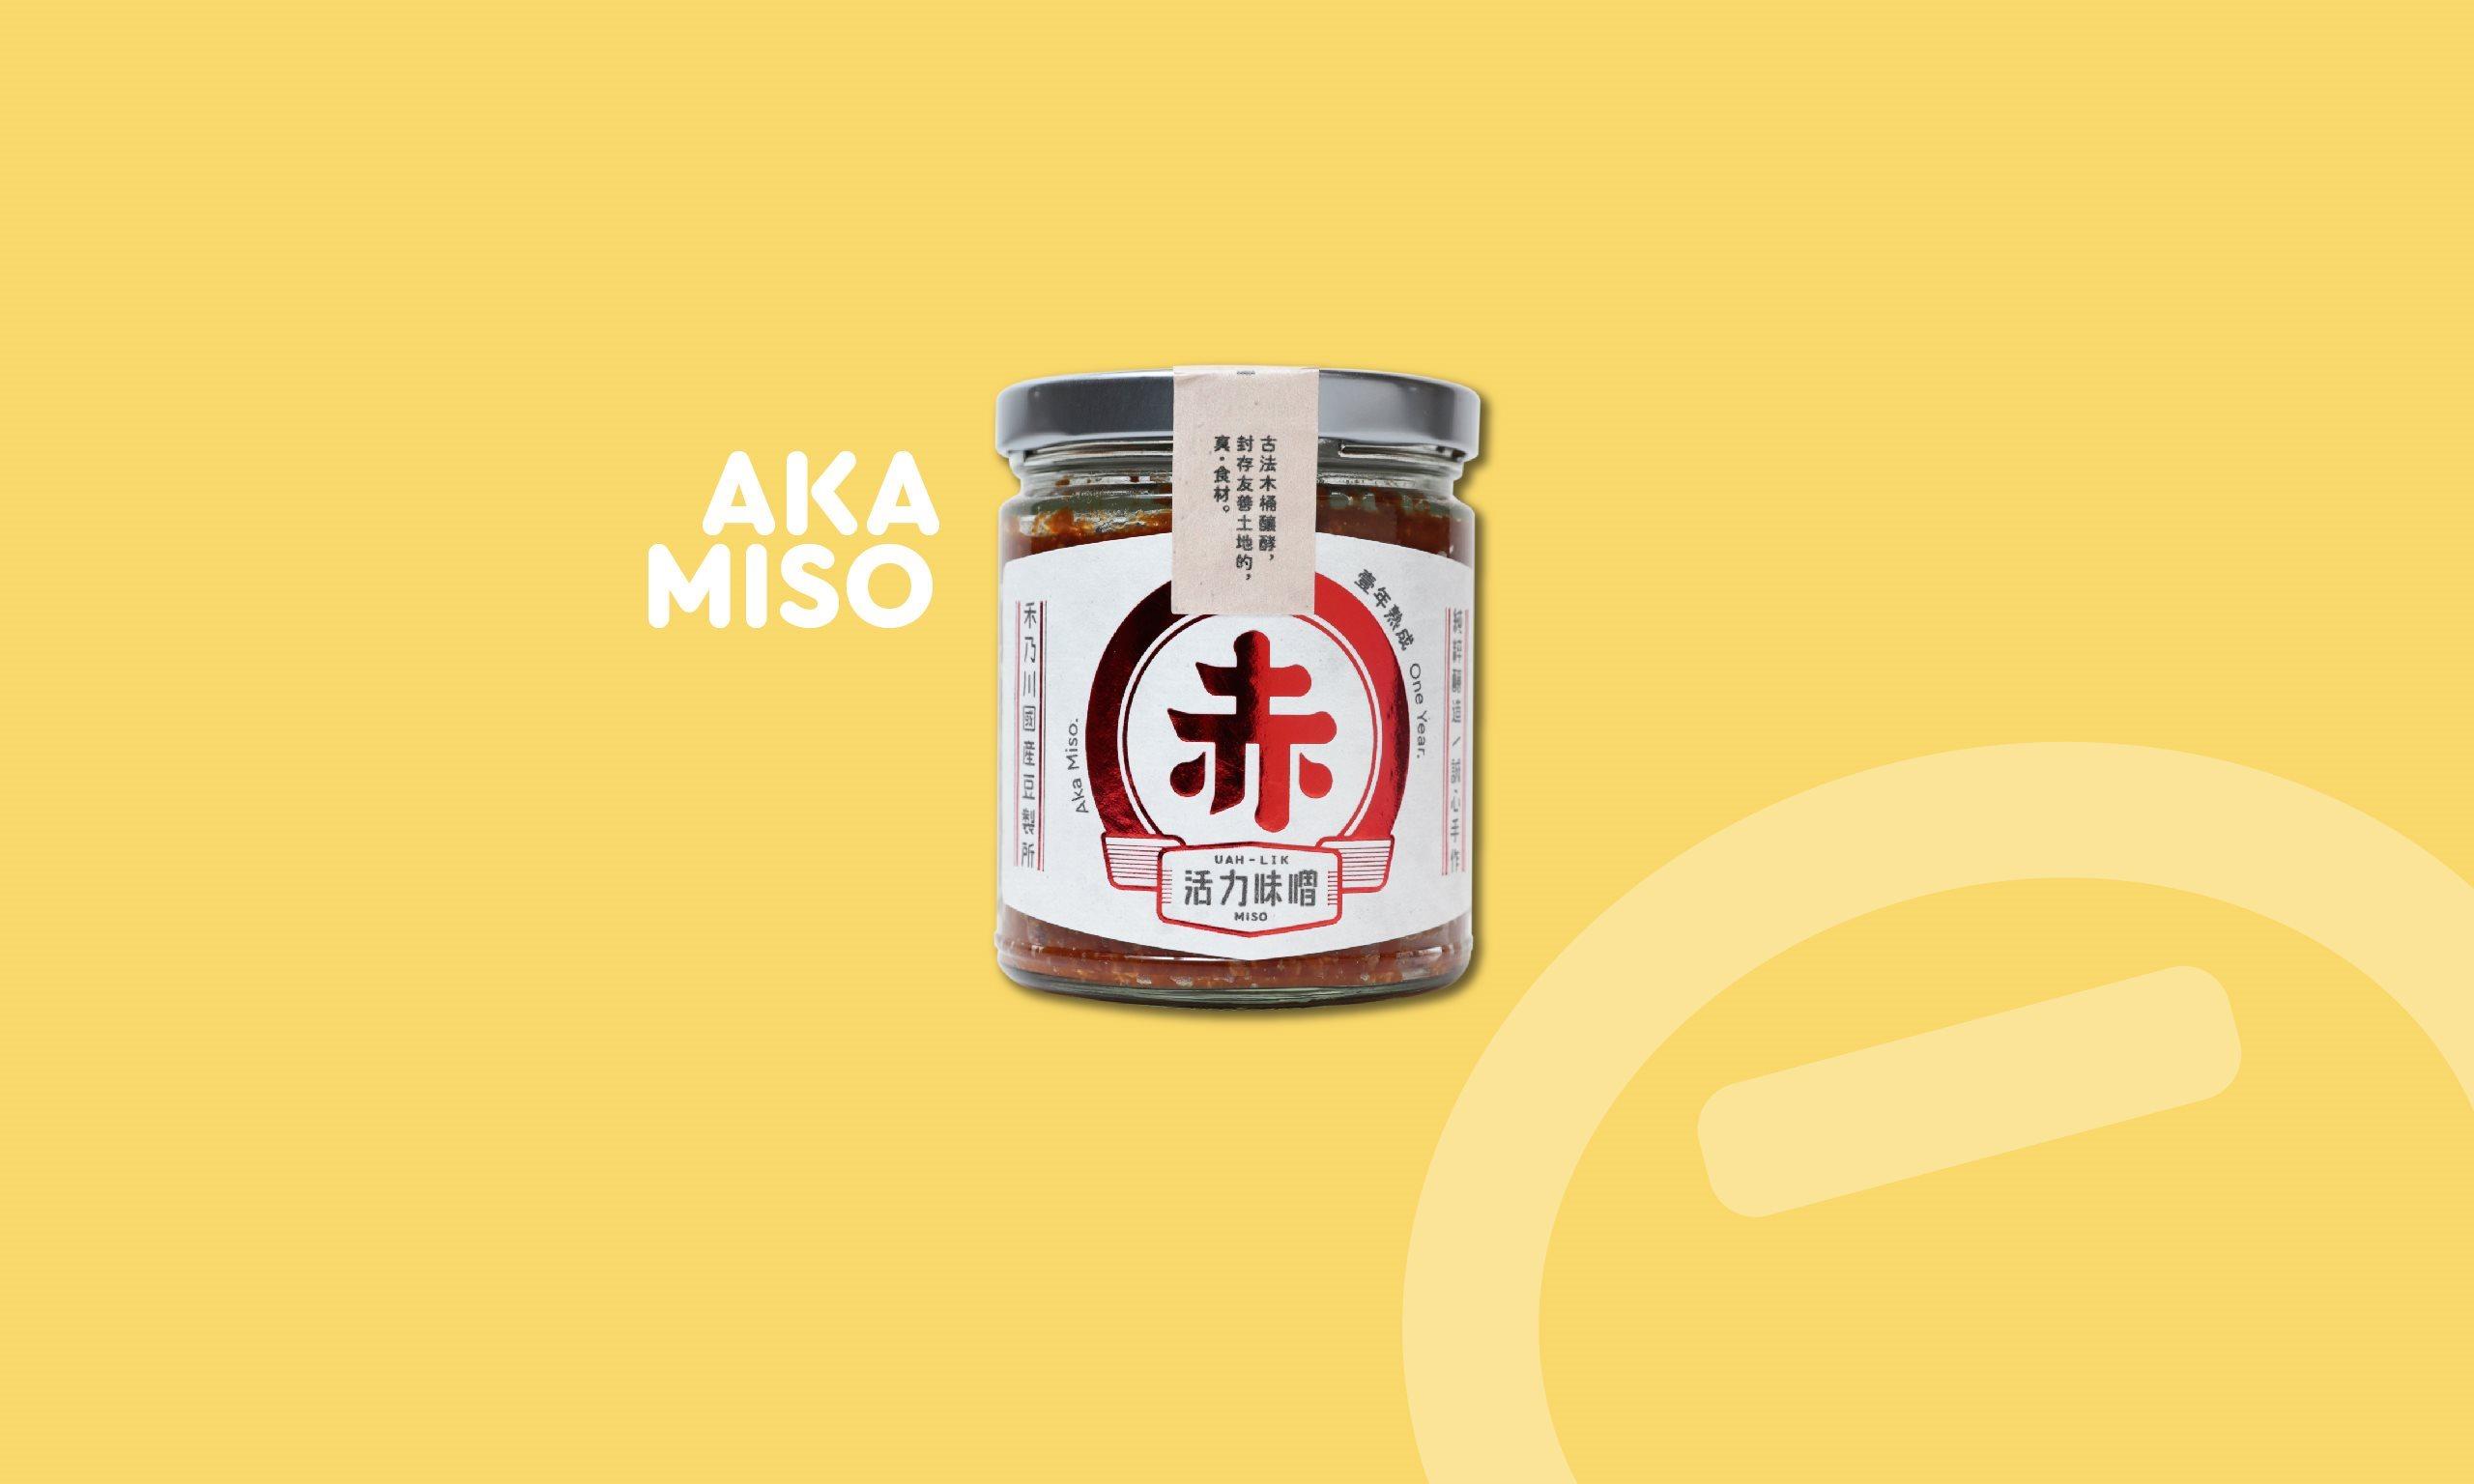 Aka Miso (12 Months Aged)